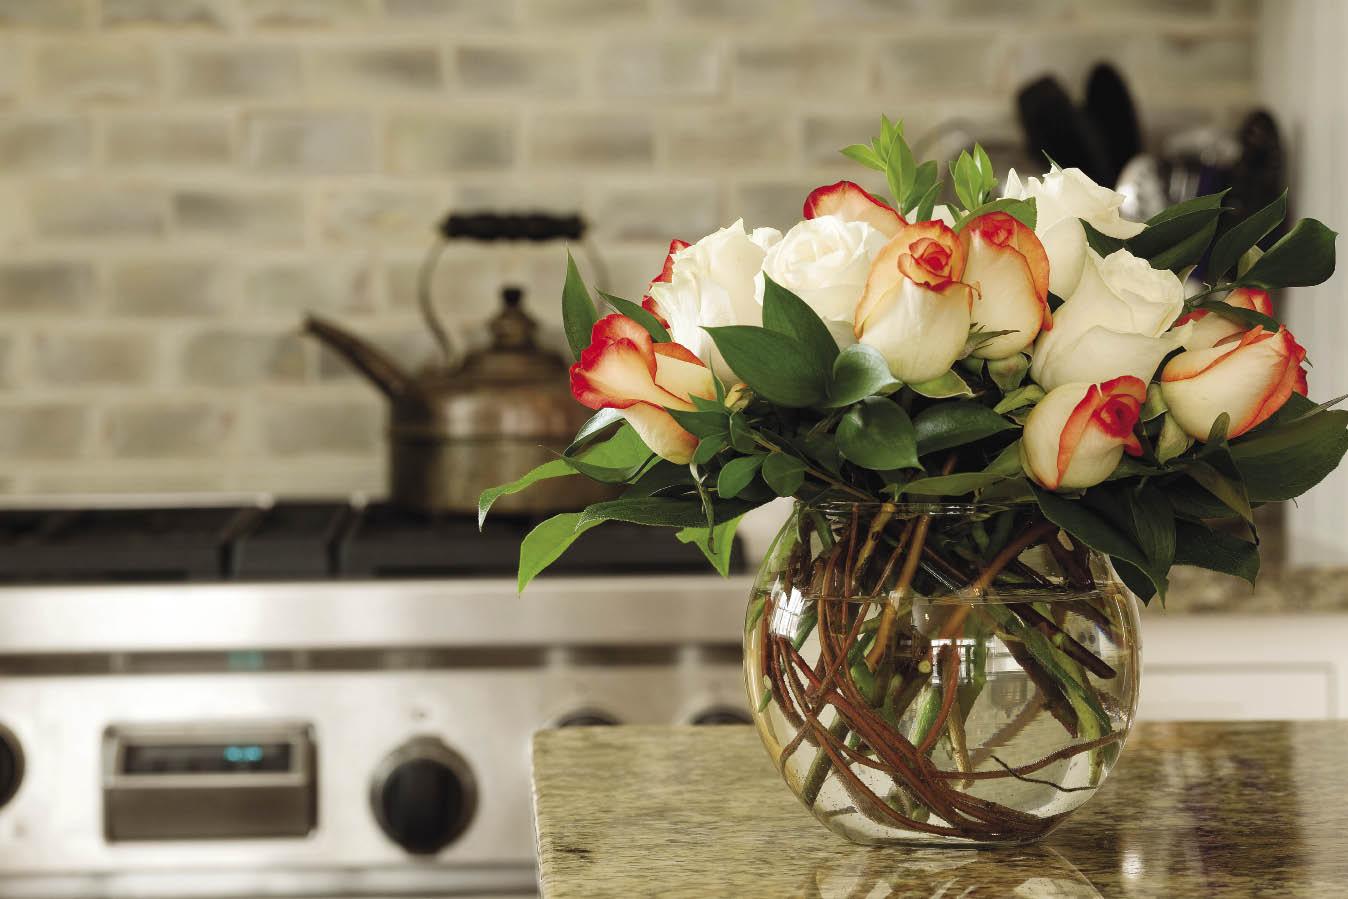 Hoa cắm lọ cần được thay nước thường xuyên.